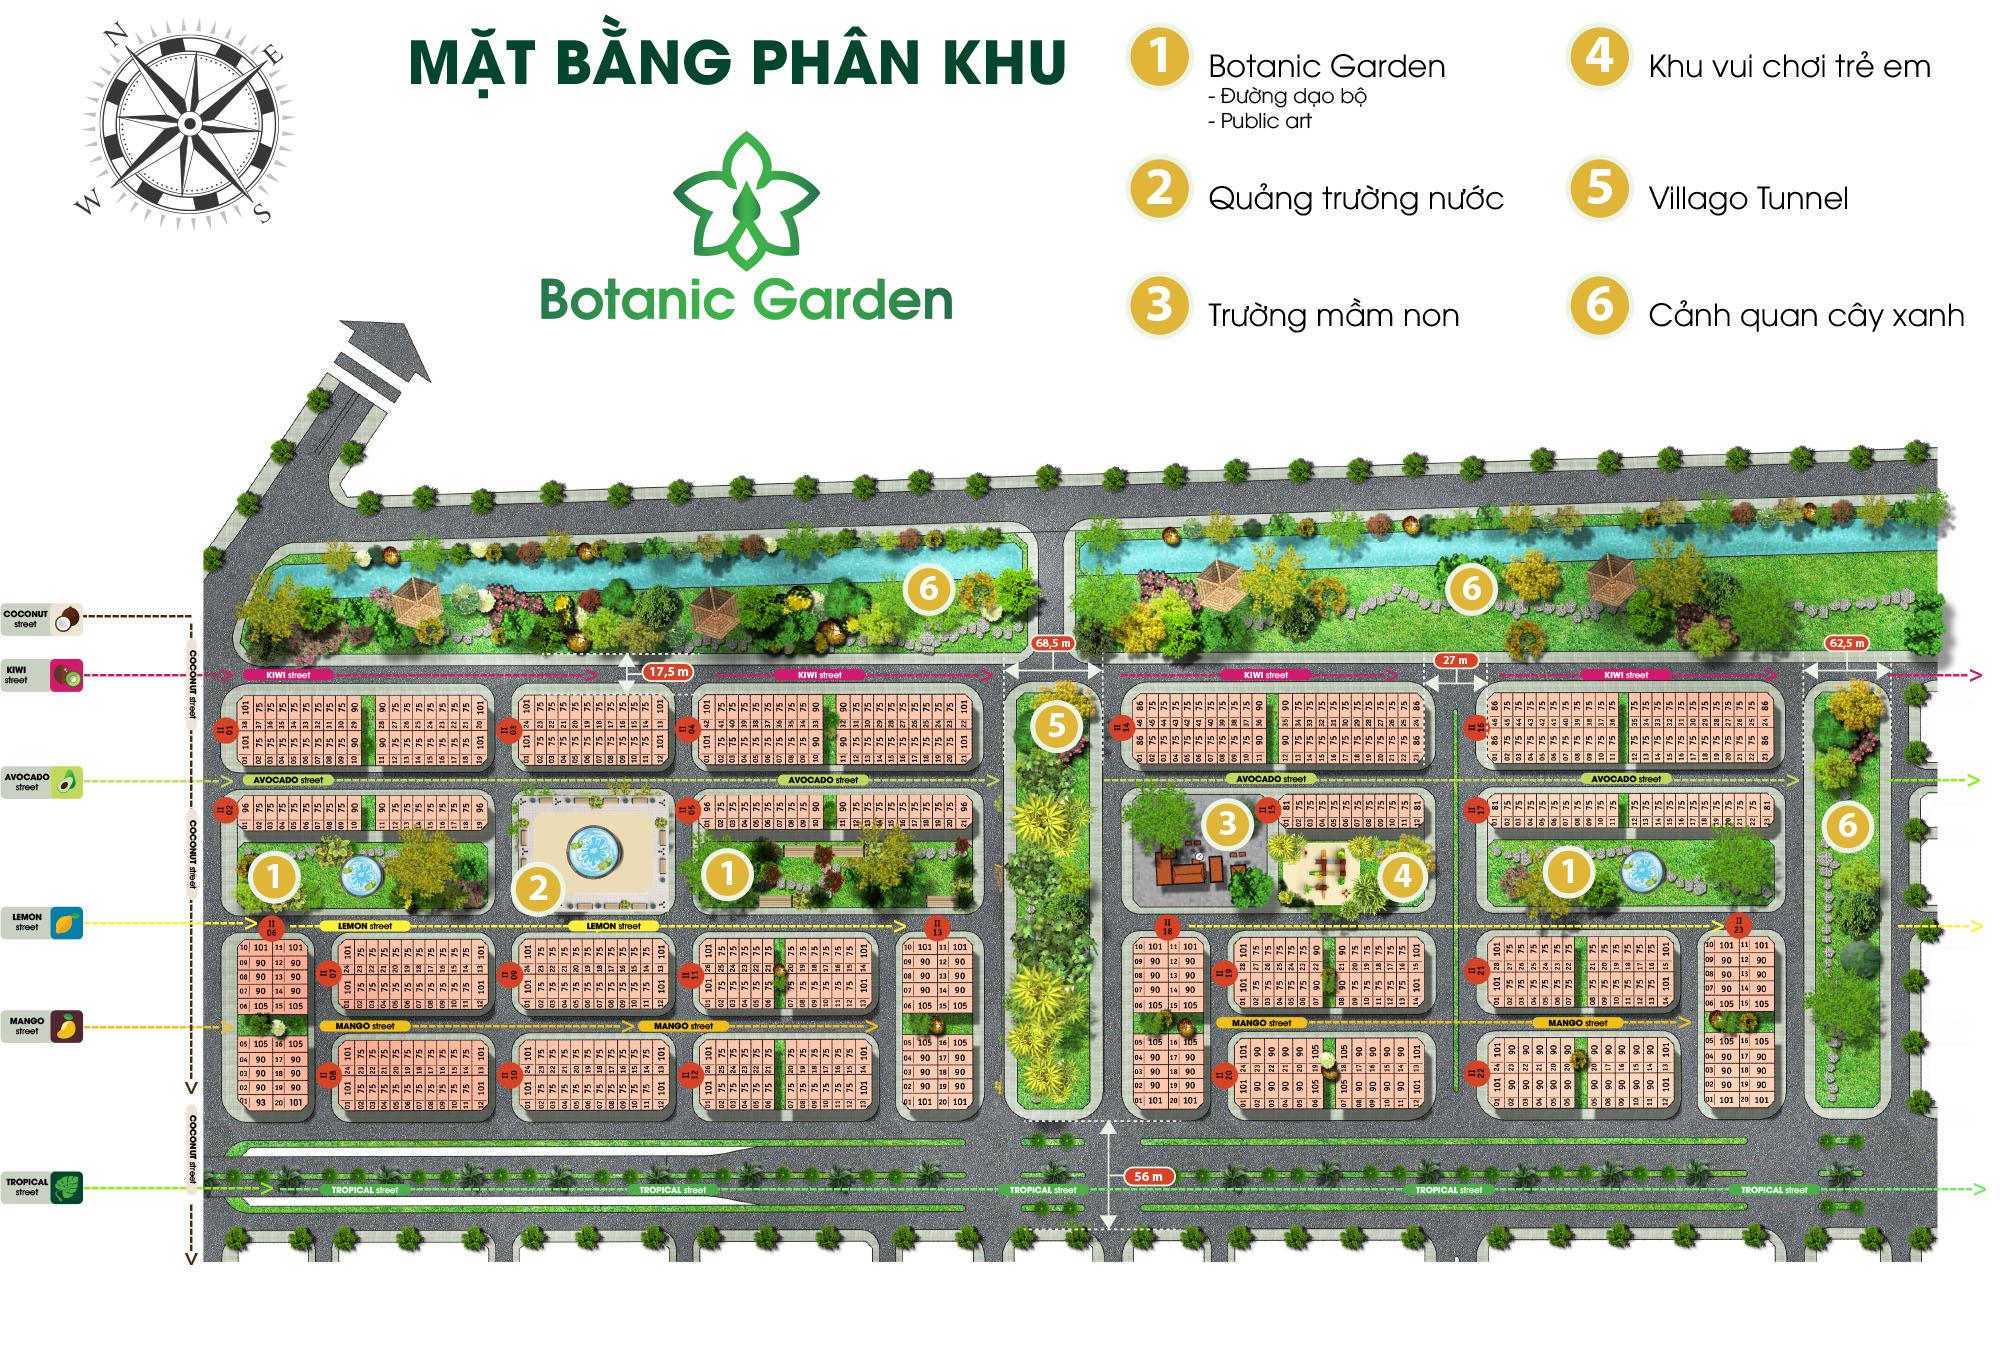 Mặt-bằng-phân-khu-Botanic-Garden-1